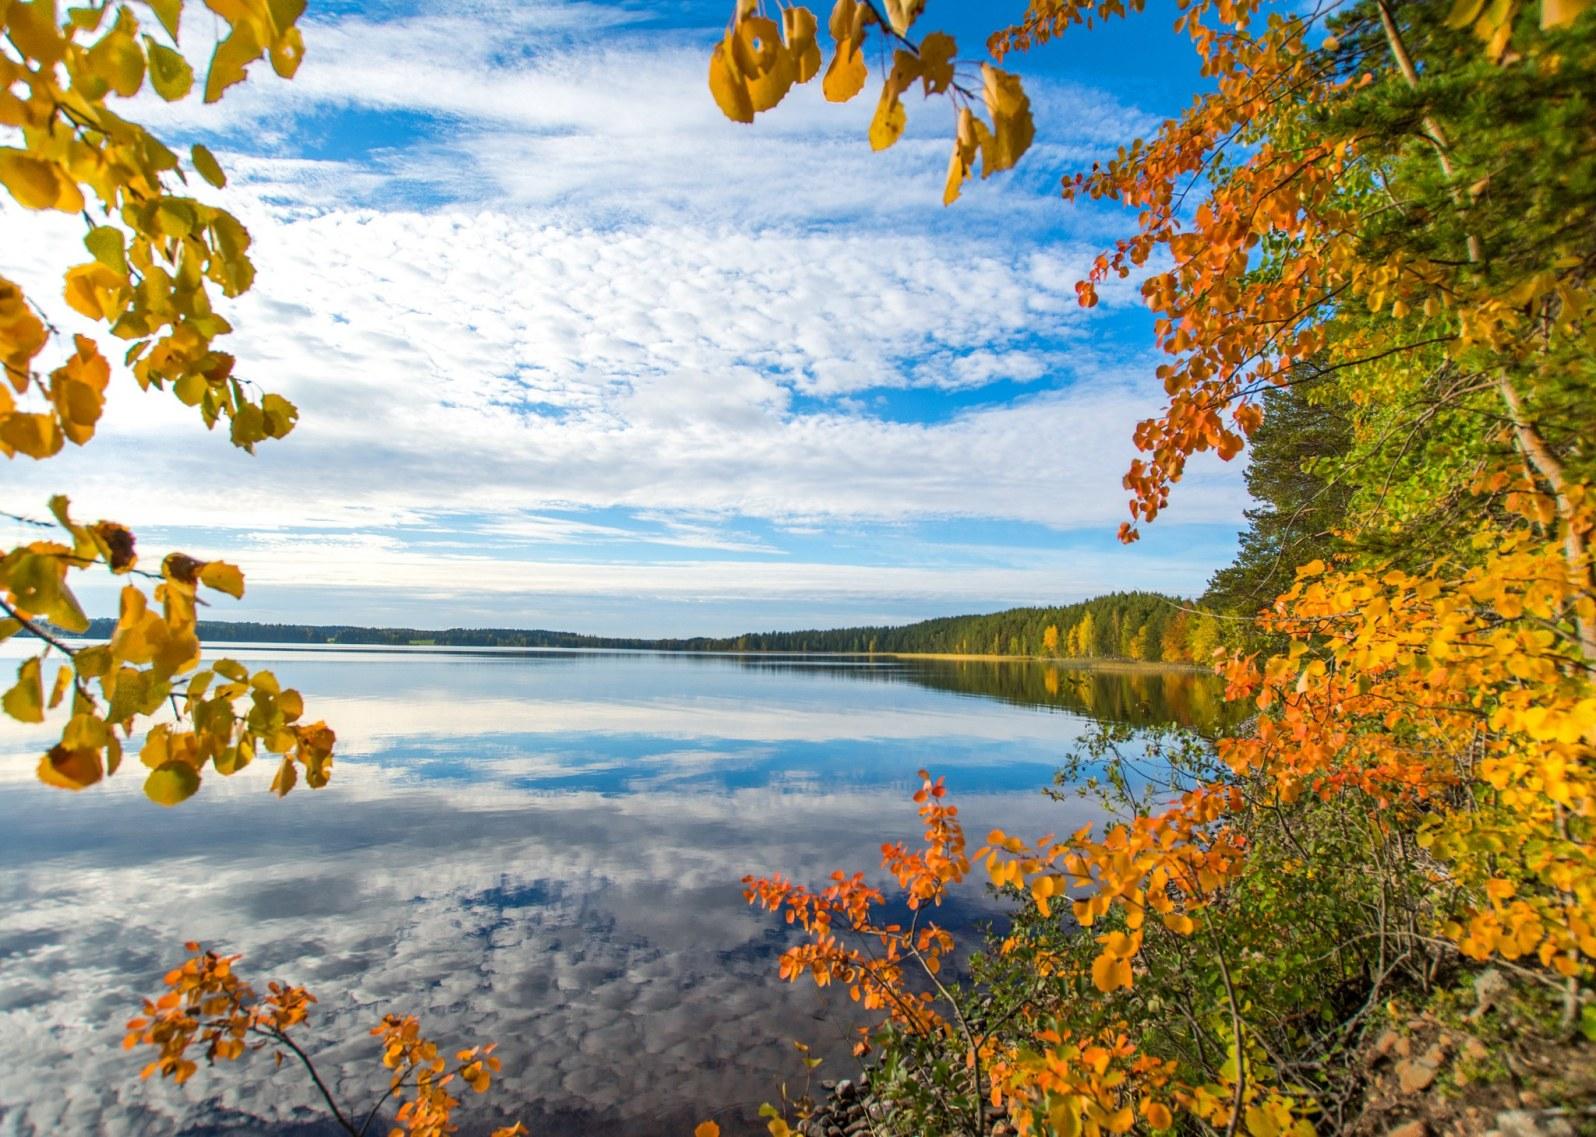 Syyskuu 2020 Haikankärki Saarijärvi